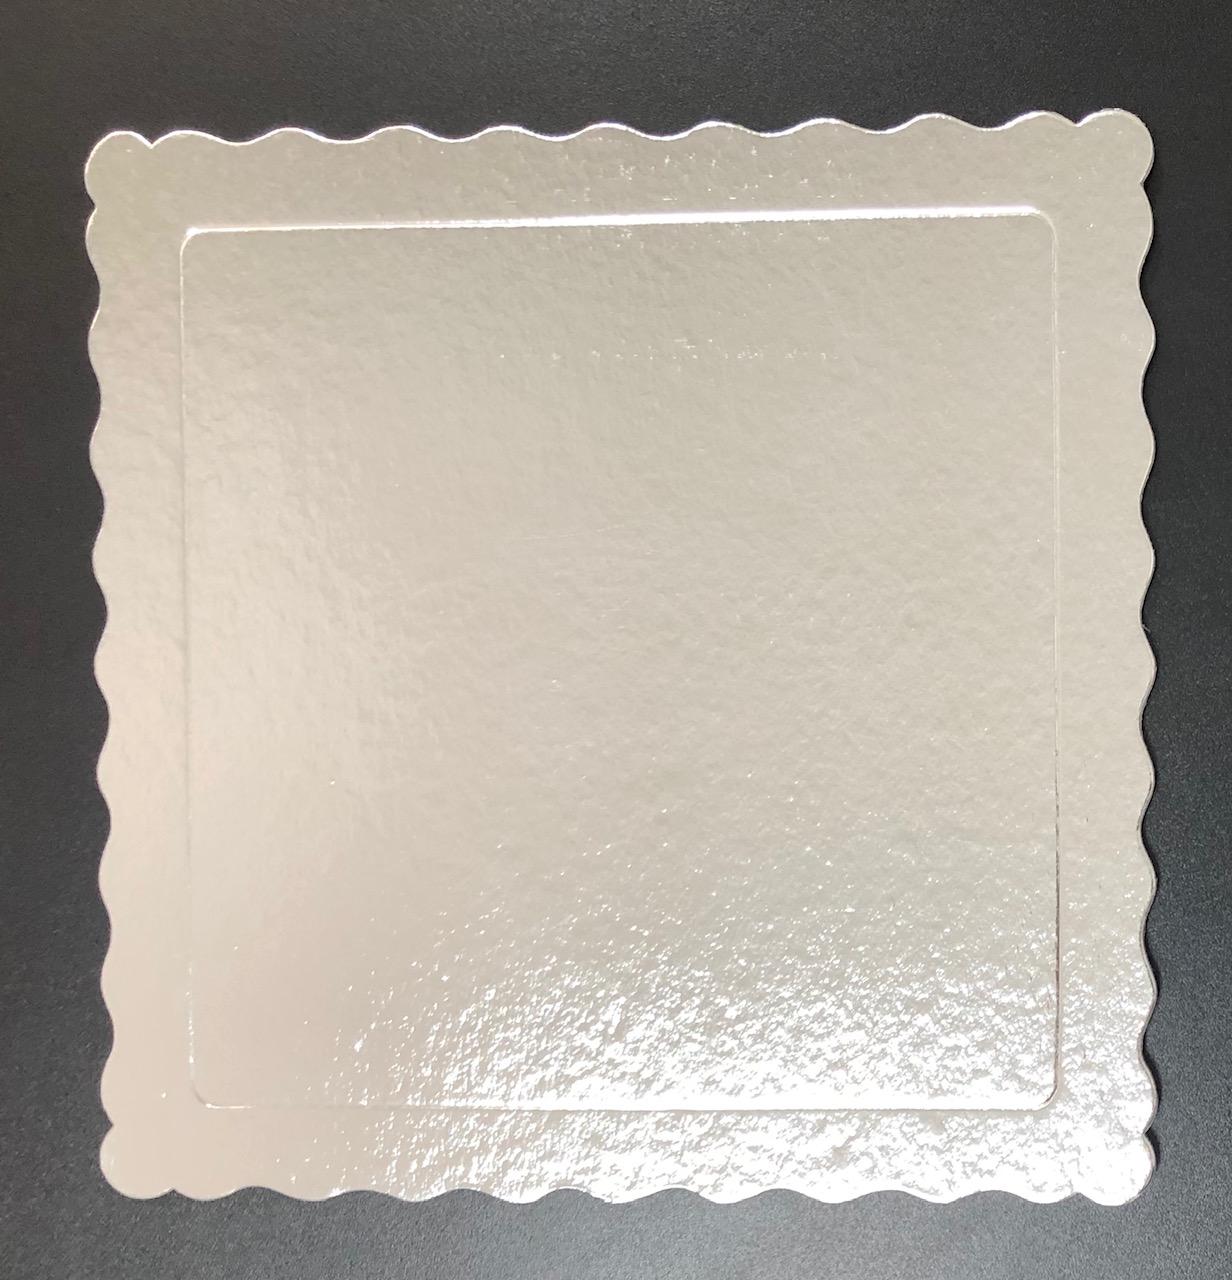 50 Bases Laminadas Para Bolo Quadrado, Cake Board 28x28cm - Prata